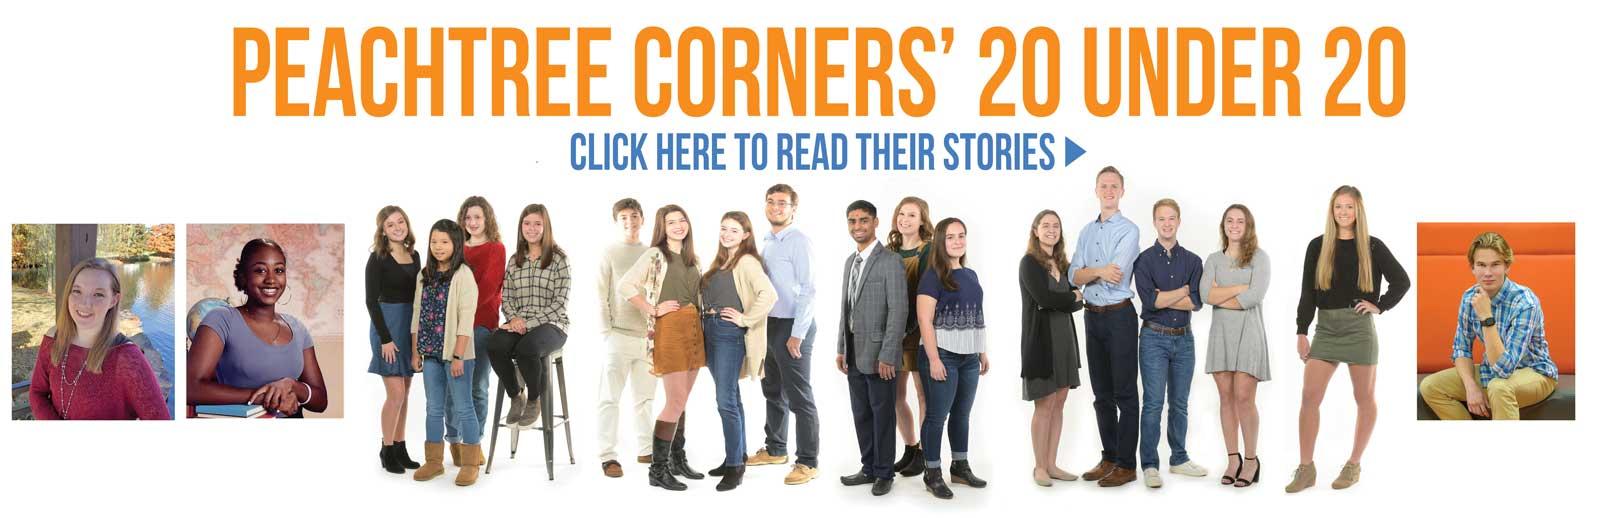 20 Under 20 Peachtree Corners